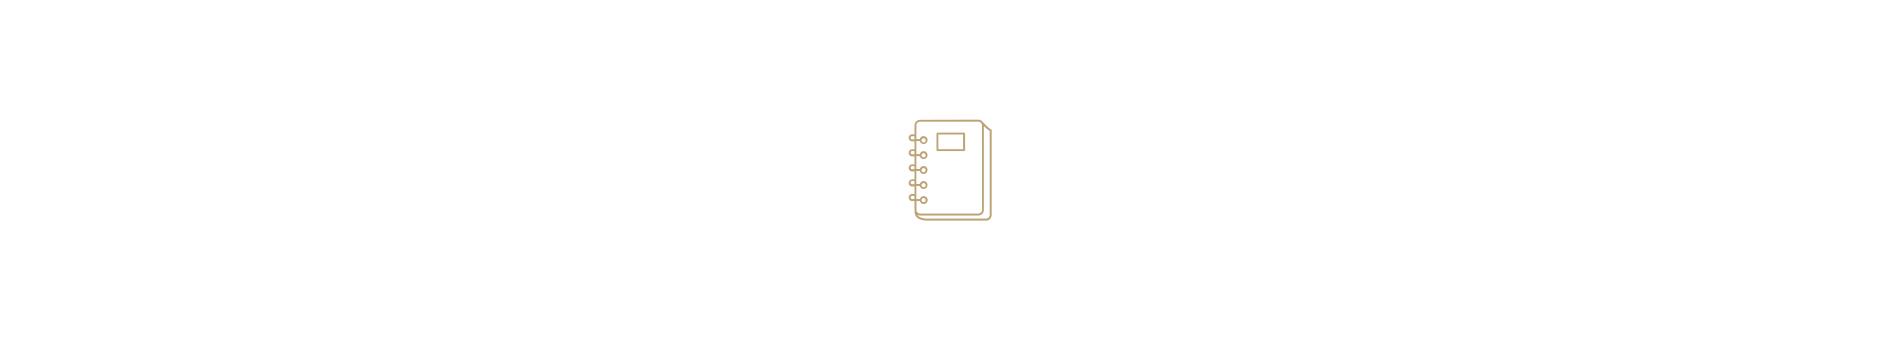 Blocs notes - Carnets - Conférenciers